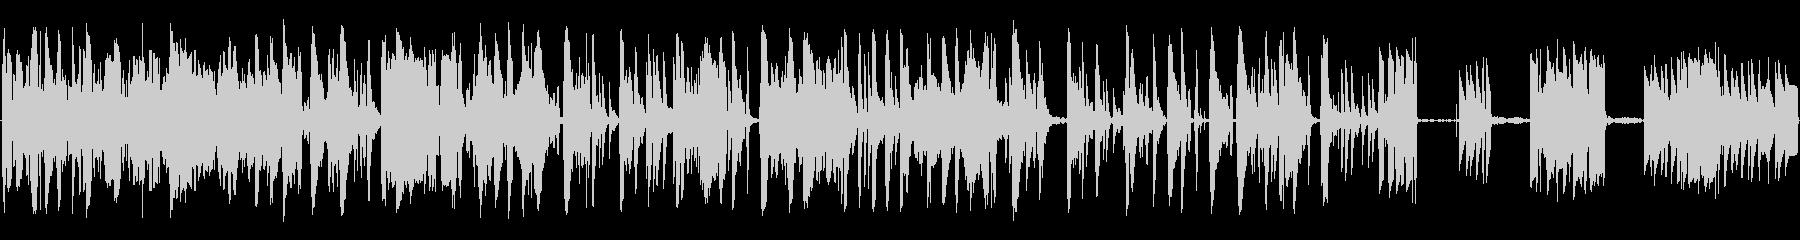 信号コードSci Fiバンパー反転の未再生の波形